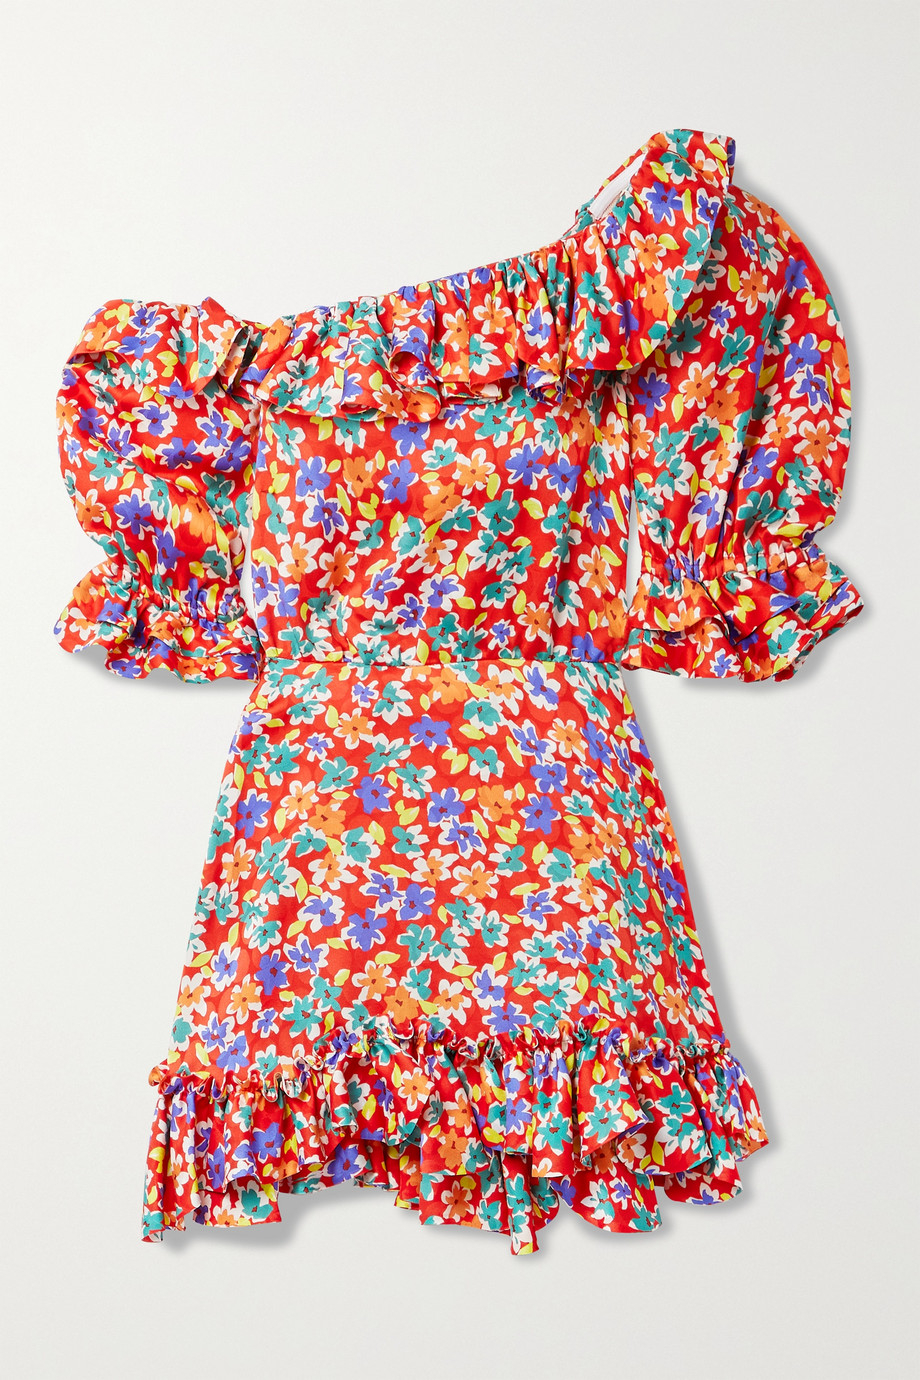 SAINT LAURENT Minikleid aus glänzendem Seiden-Jacquard mit Blumenprint, Rüschen und asymmetrischer Schulterpartie